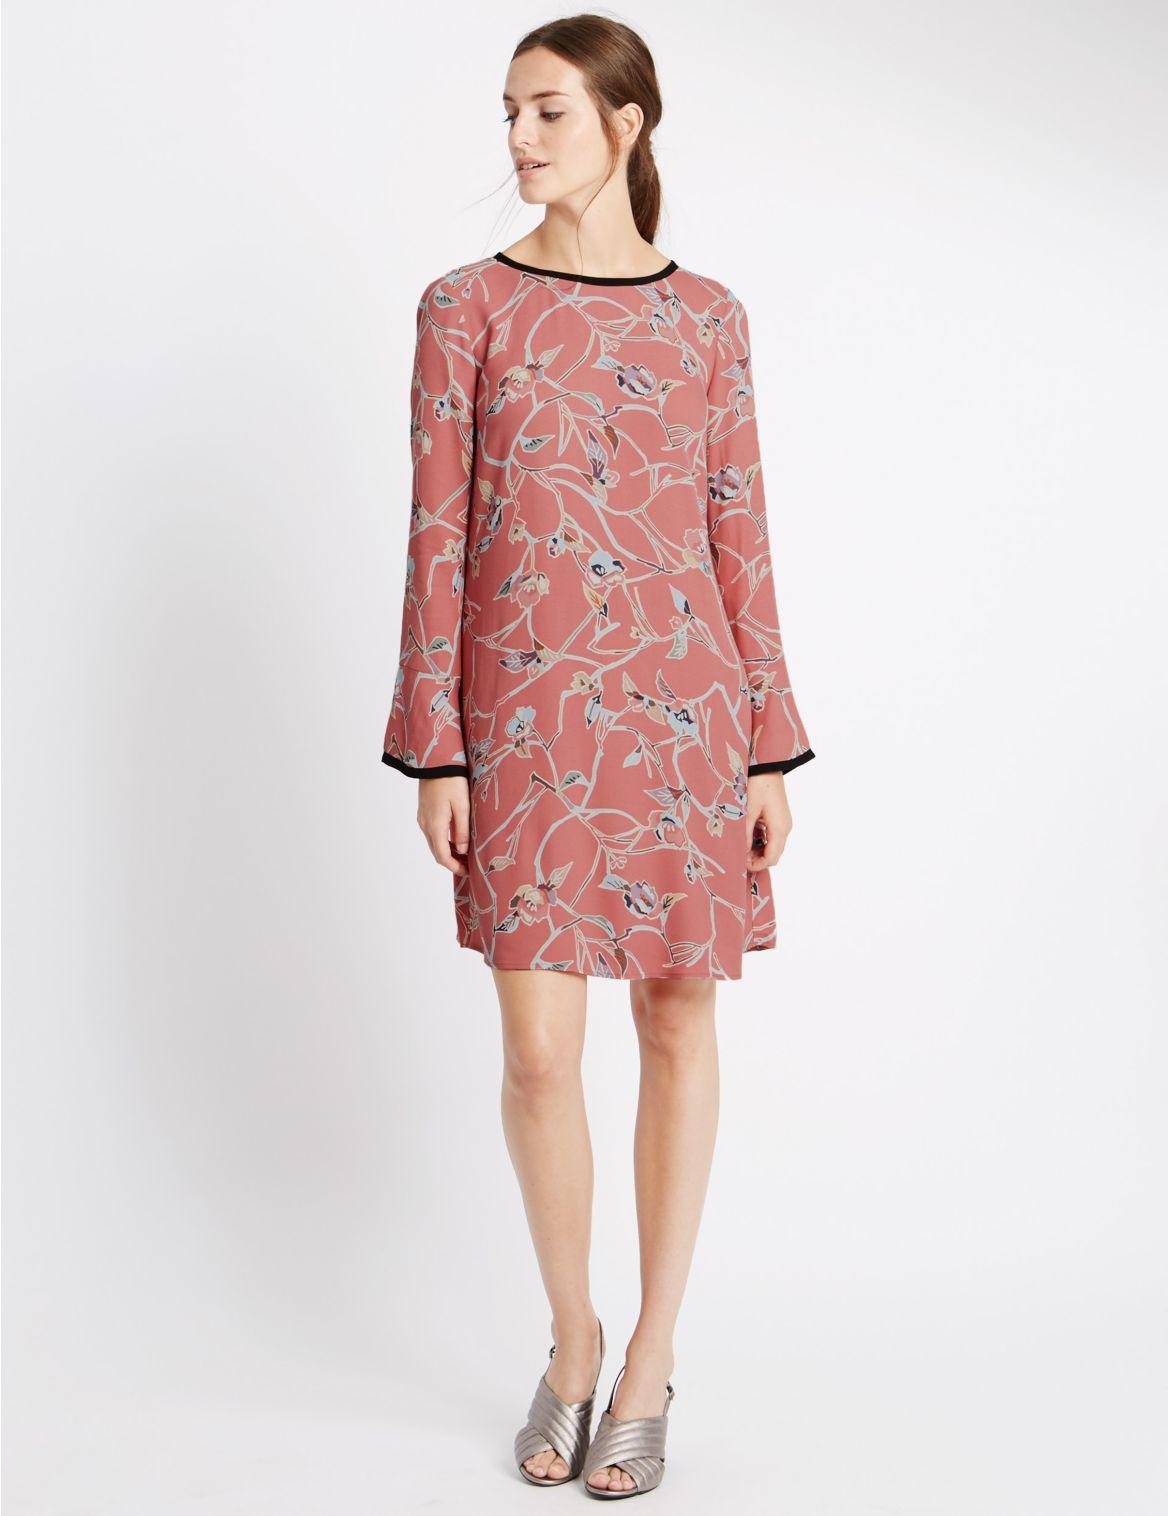 Kleurrijke rechte jurk met lange